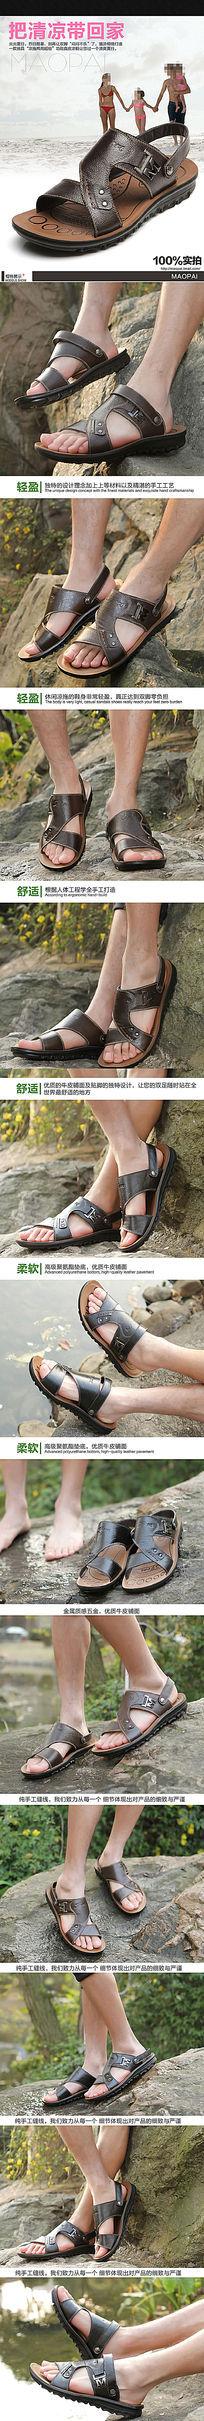 淘宝男鞋细节描述图